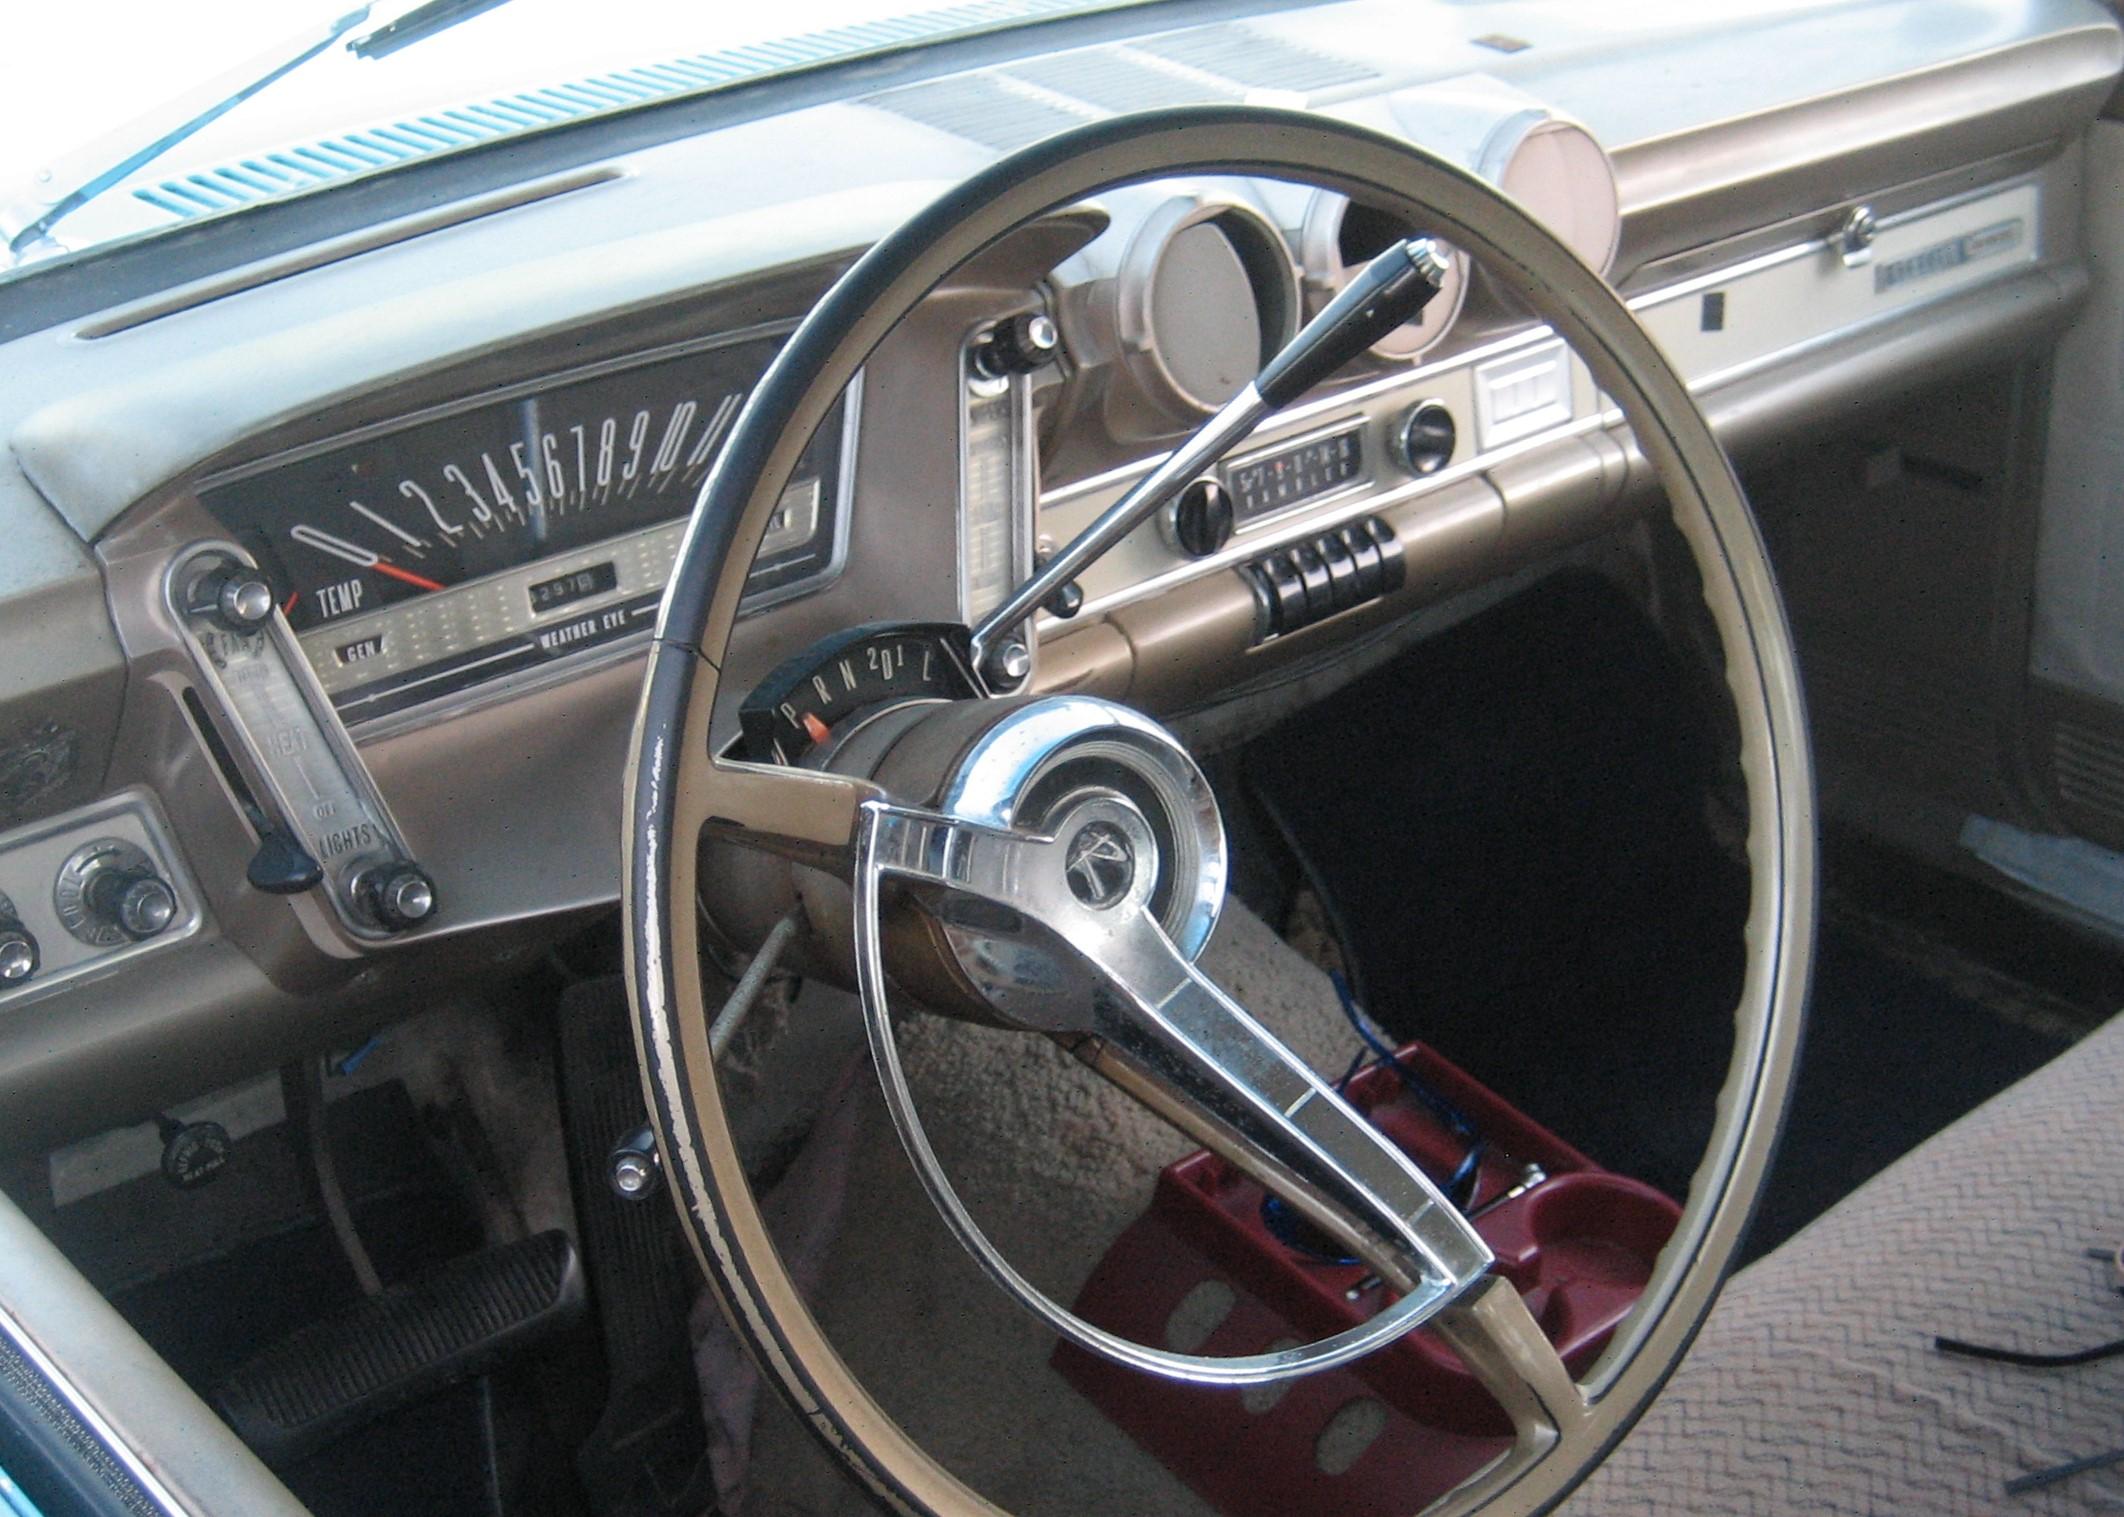 1963 Rambler dashboard